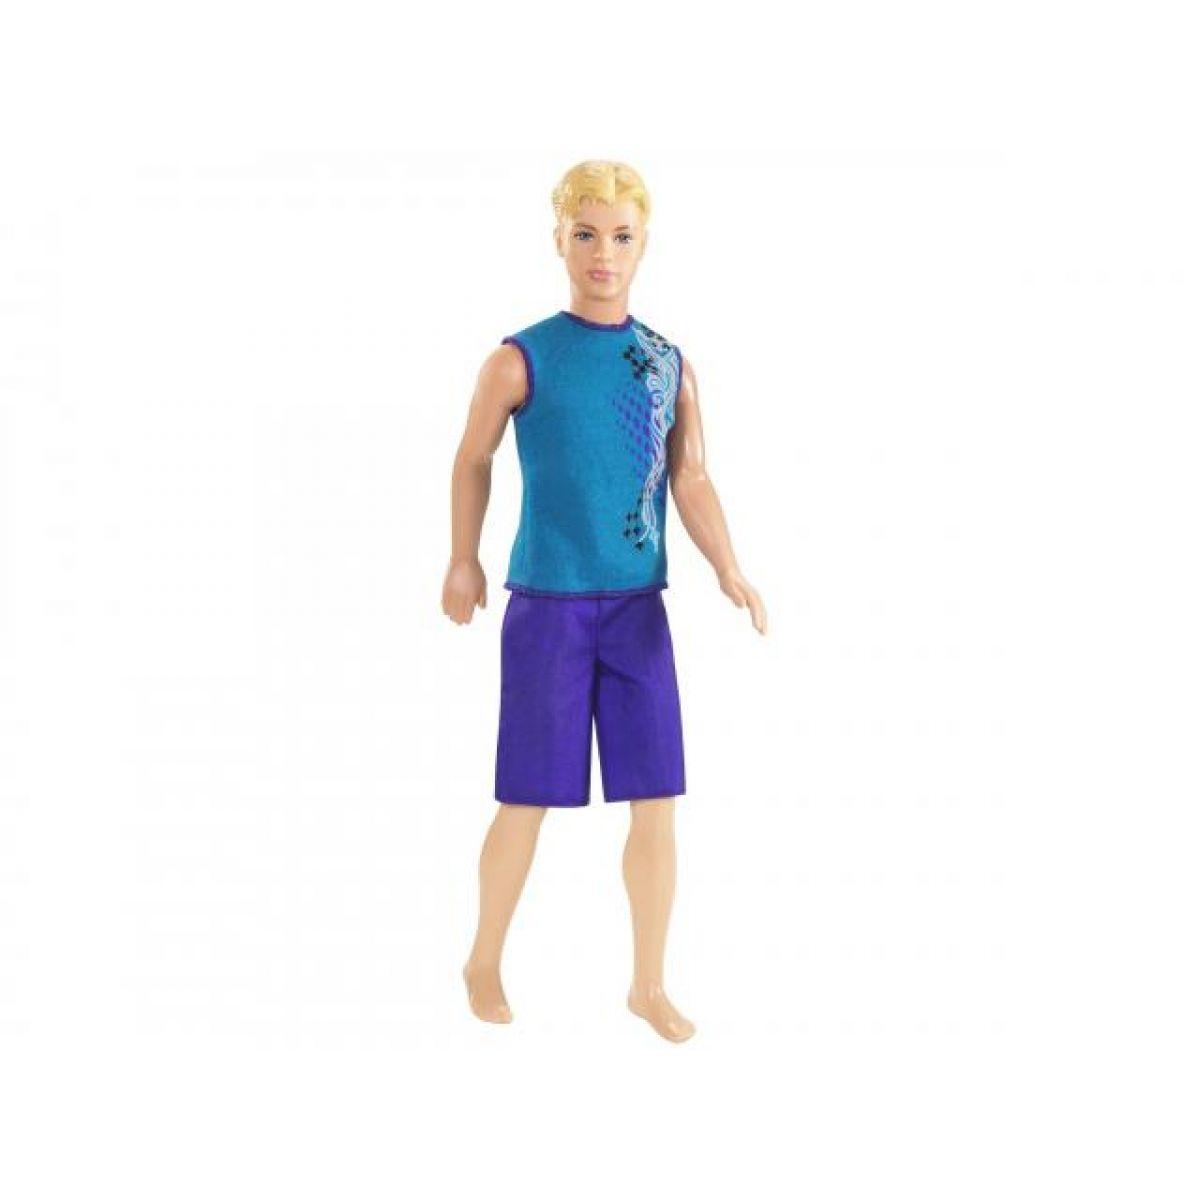 Barbie R4203 - Beach Ken